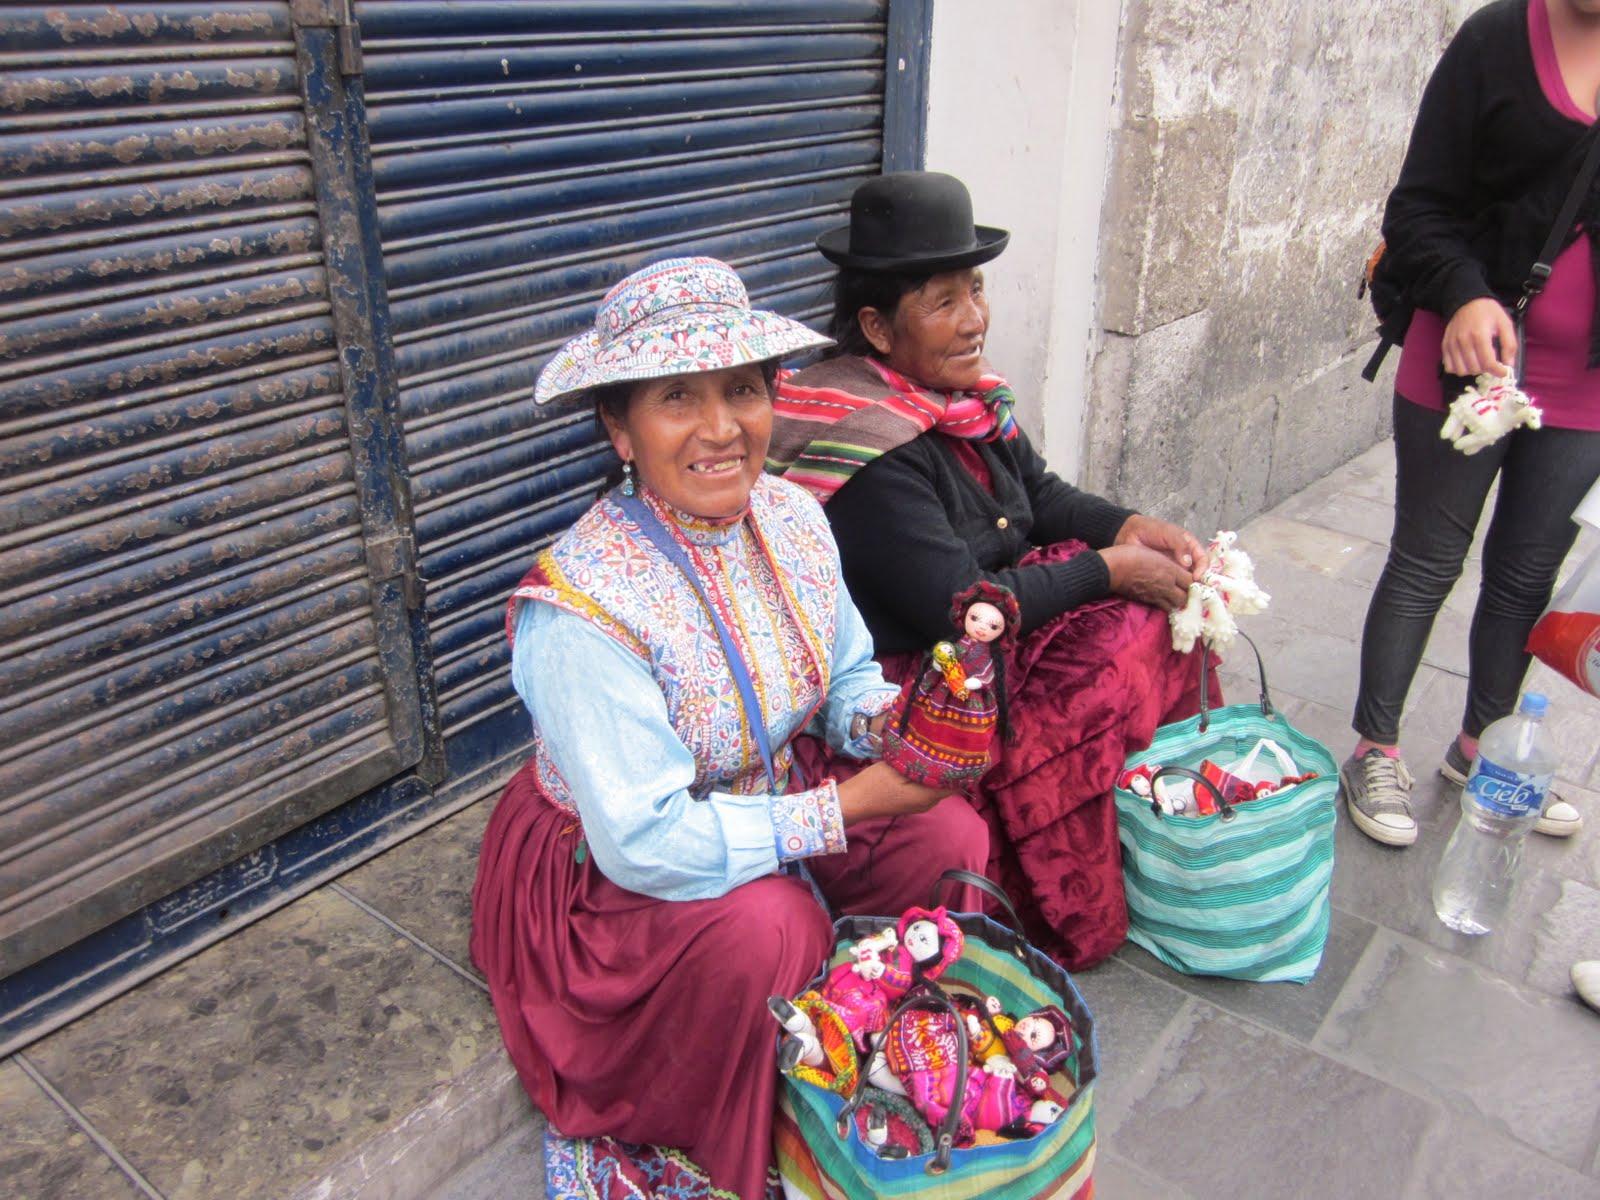 Street Vendors in Arequipa